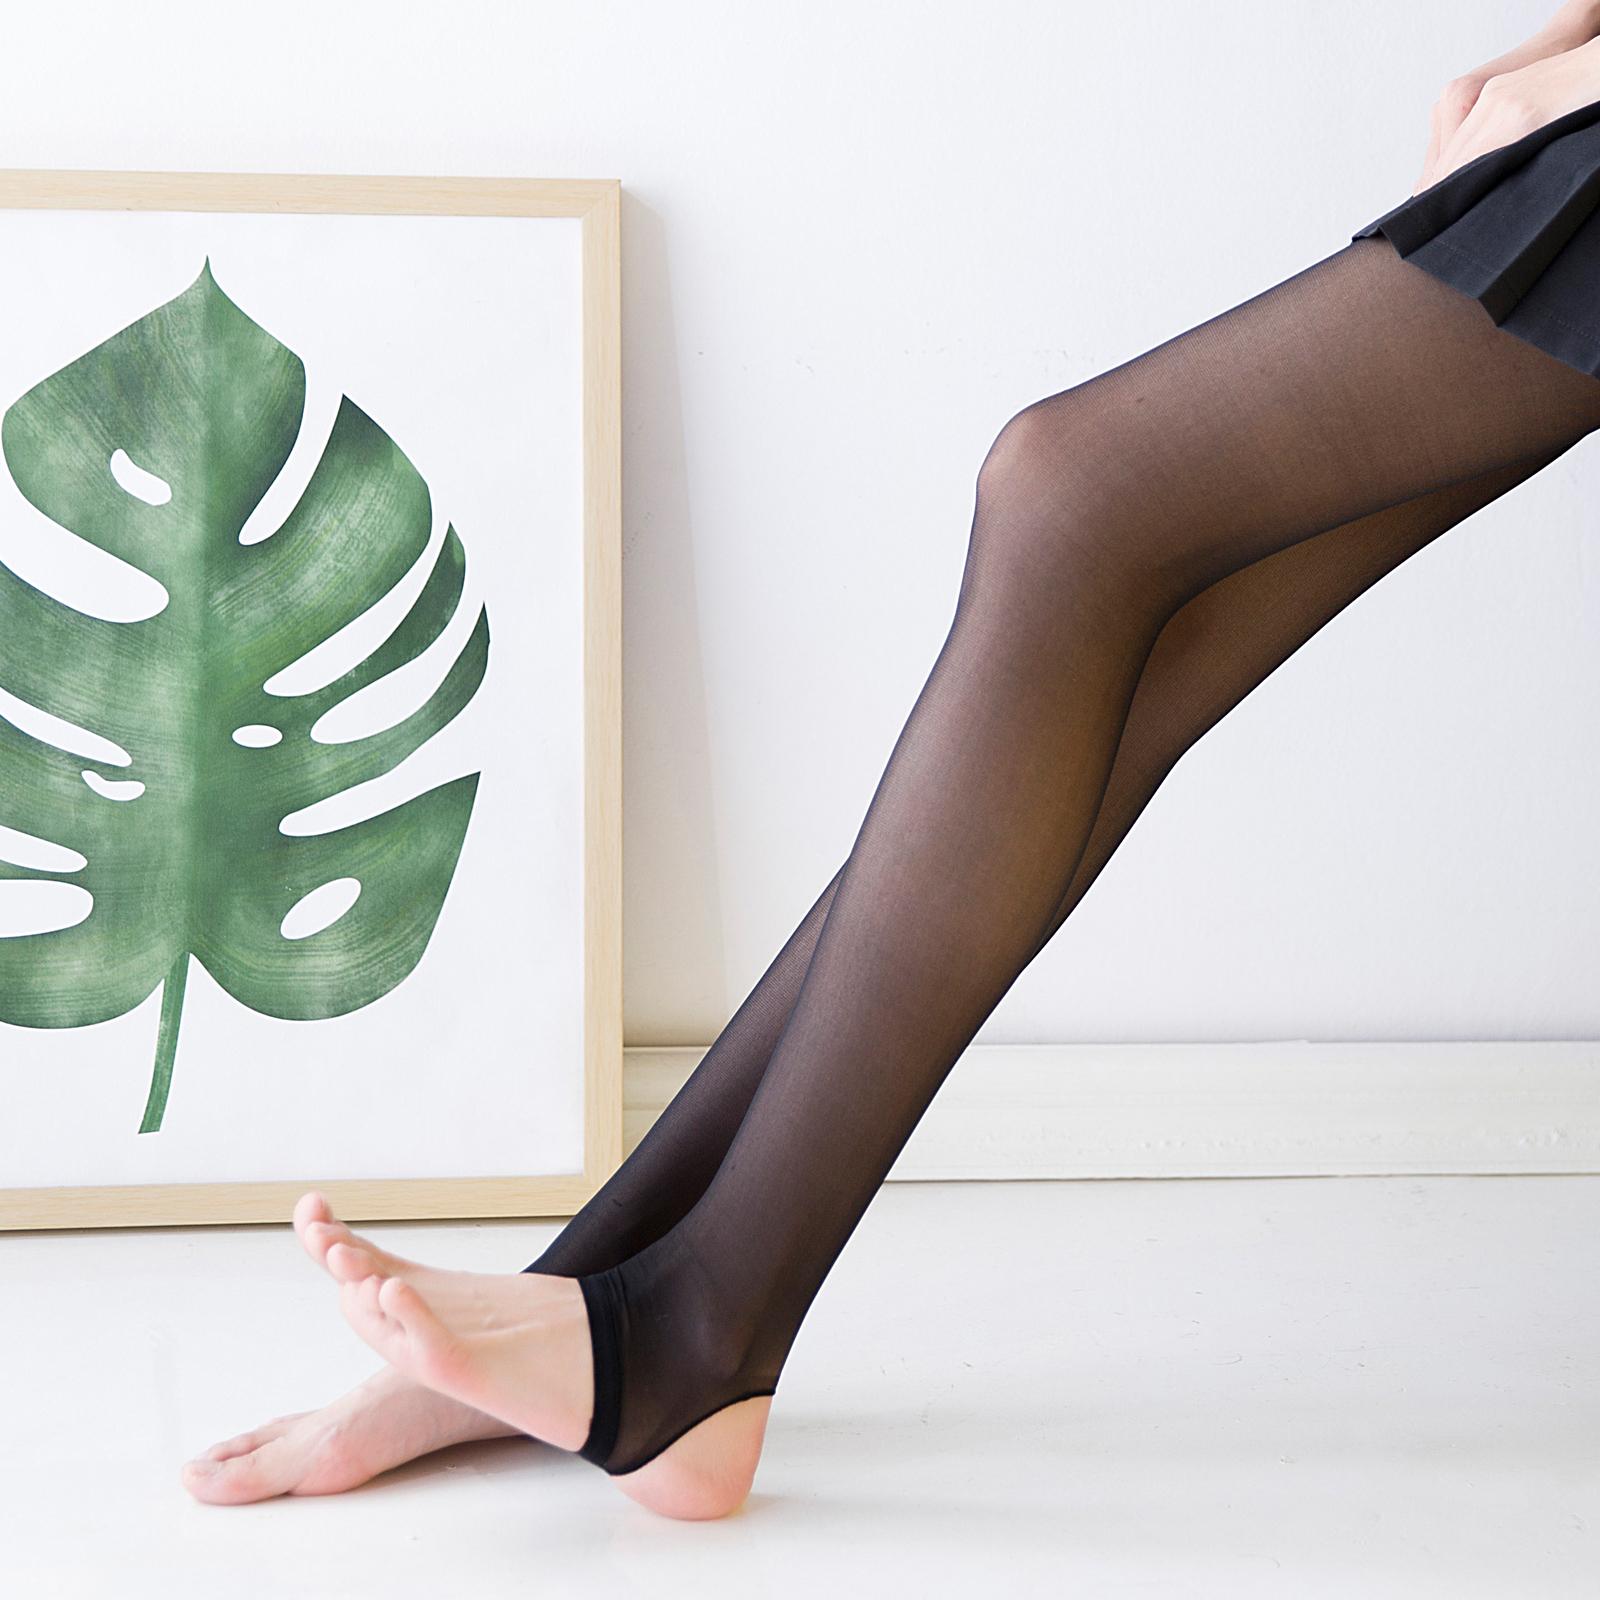 踩脚袜黑丝袜隐形全透明女连裤袜春秋性感黑色肉色打底袜丝滑丝袜